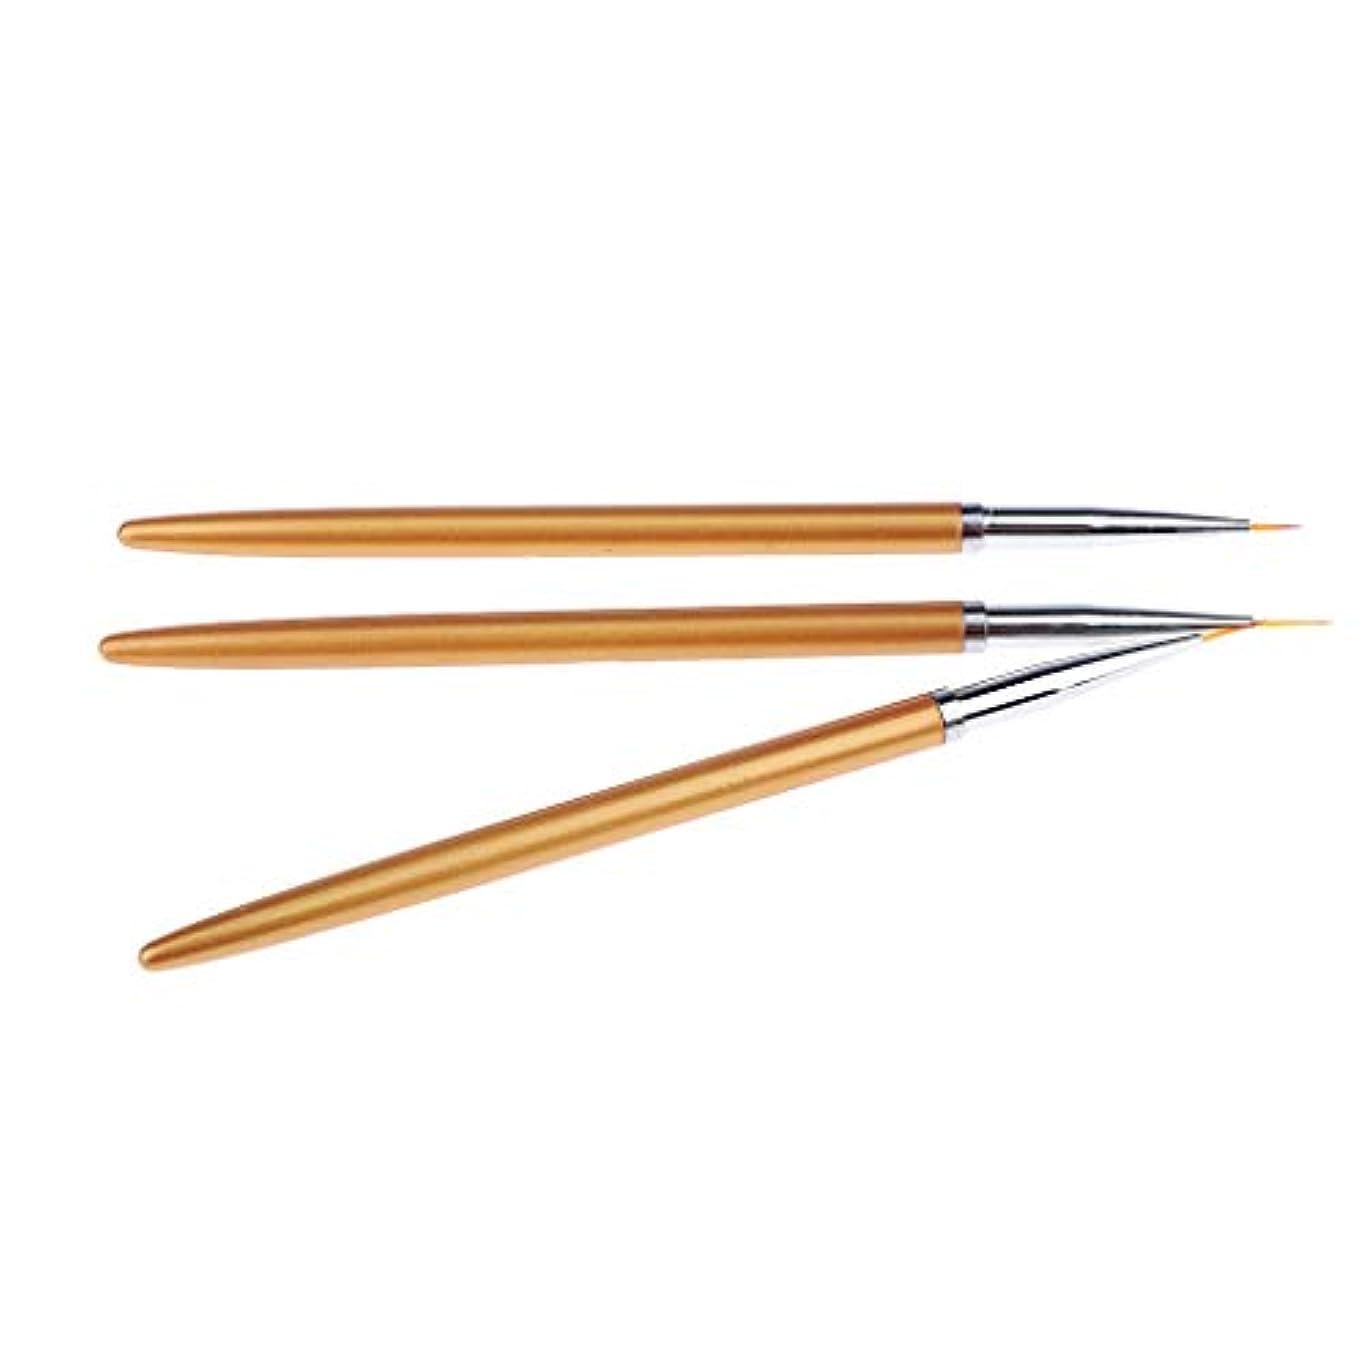 ピッチプラグ文句を言うSM SunniMix ネイルアートブラシ 絵画ペン プラスチック ネイルアートペンブラシセット 3本